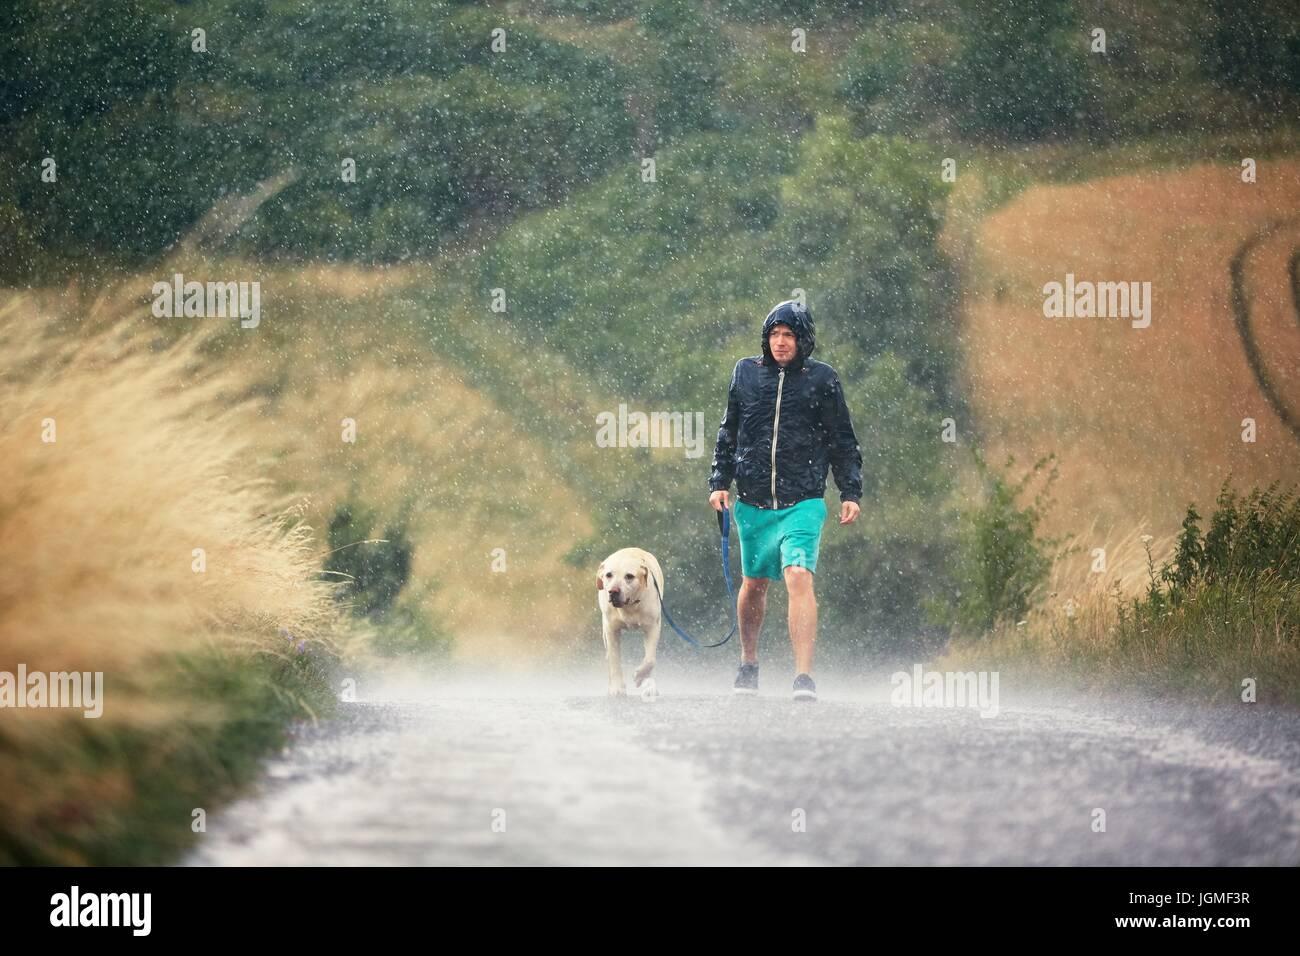 Joven caminando con su perro (labrador retriever) en Heavy Rain en la carretera rural. Imagen De Stock